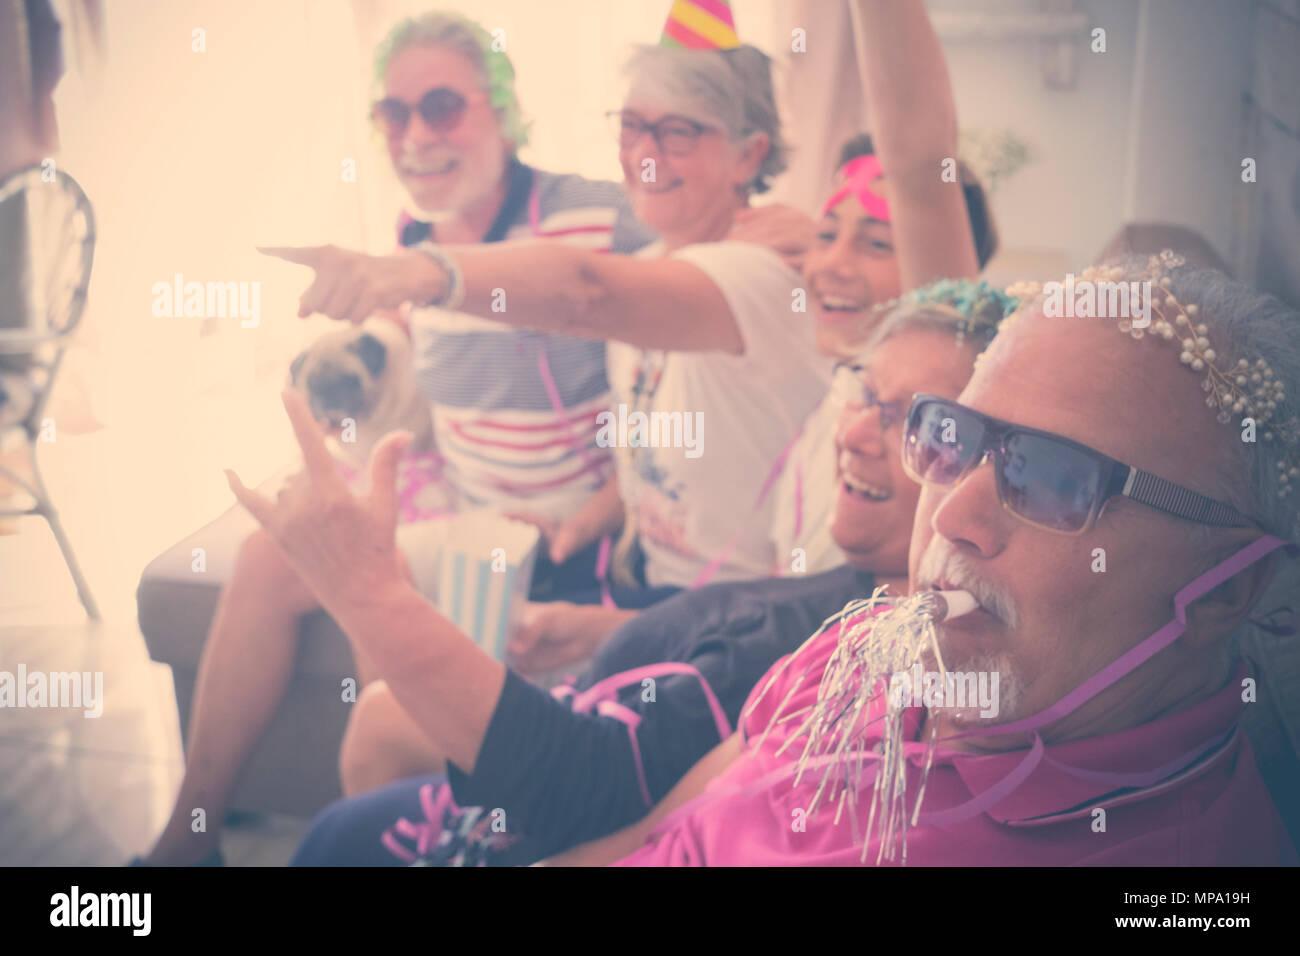 Großväter Gruppe von Menschen, die zu Hause mit Mützen und mehr feiern. lächeln und Spaß vom Senior, junge Junge. pug mit Ihnen. Senioren und Jugendliche indo Stockbild